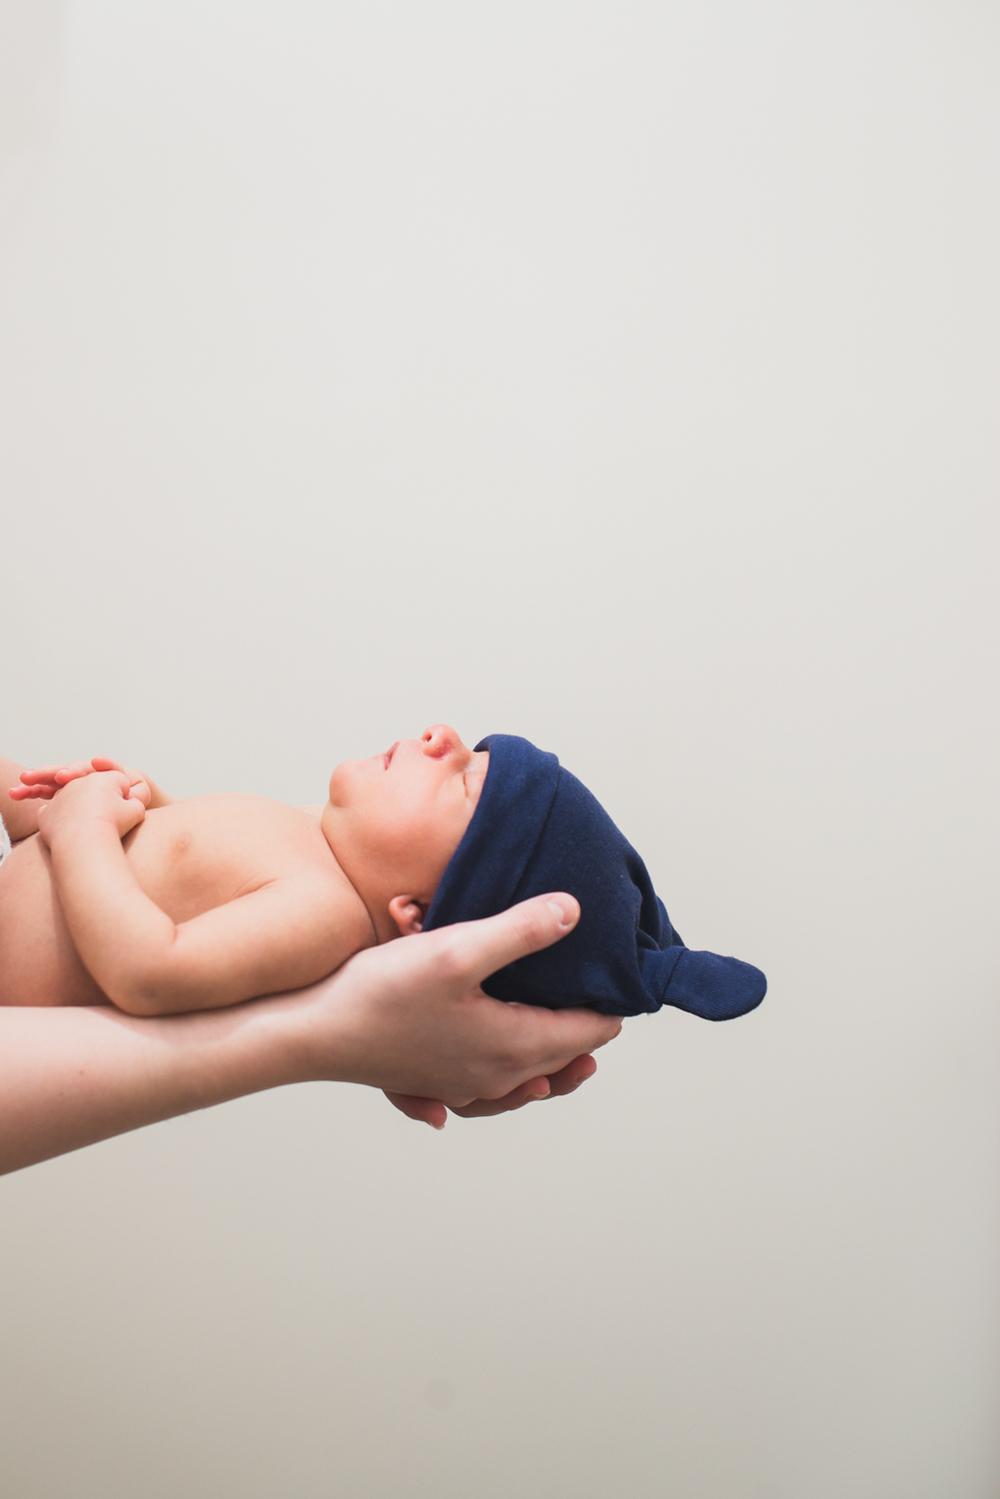 Baby IMAGE 046 -_.jpg